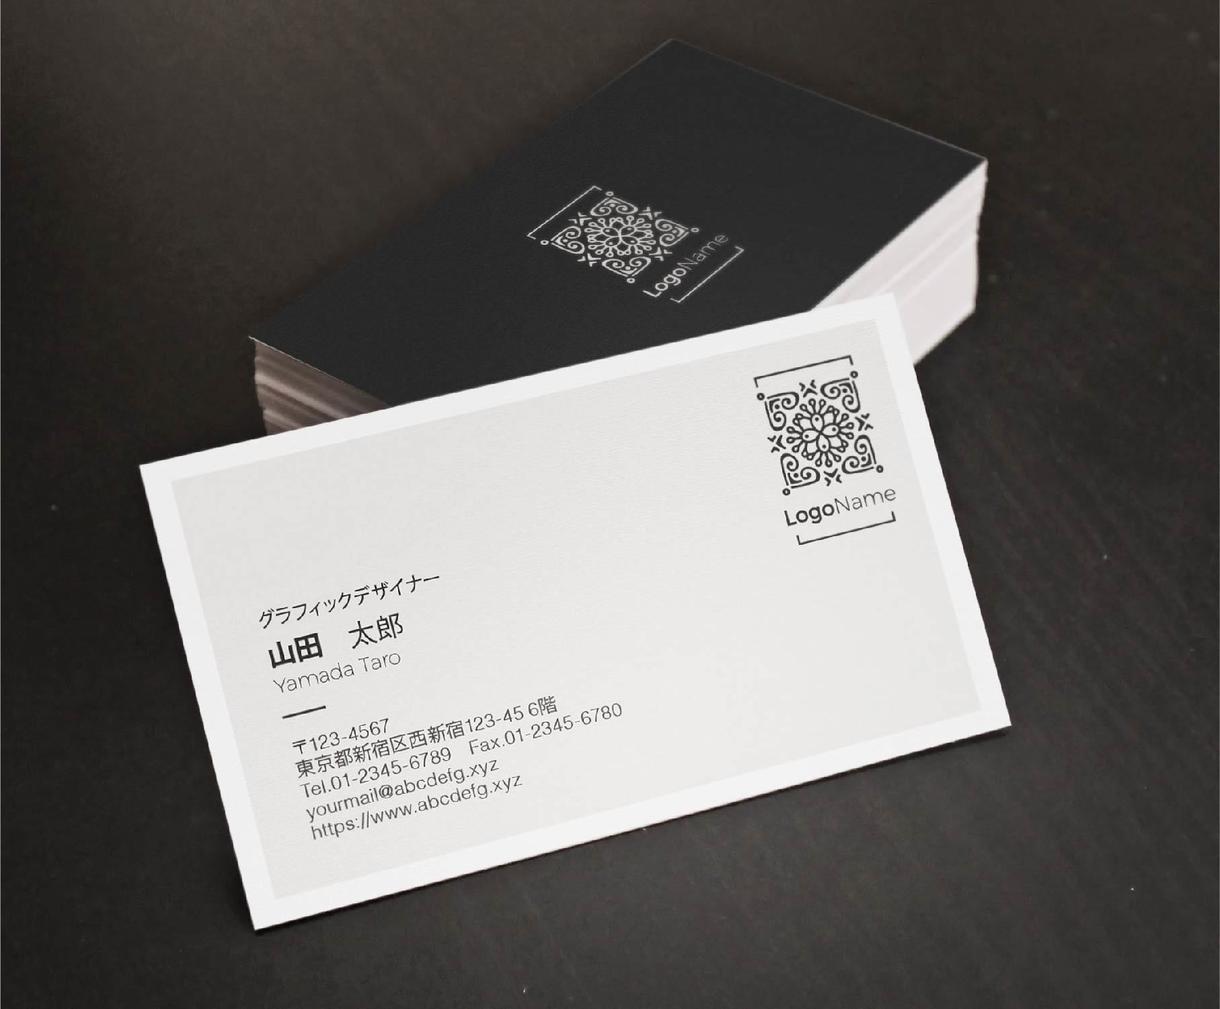 プロのデザイナーが名刺をお作りします 印刷もOK!気軽にオリジナル名刺を作成しませんか?